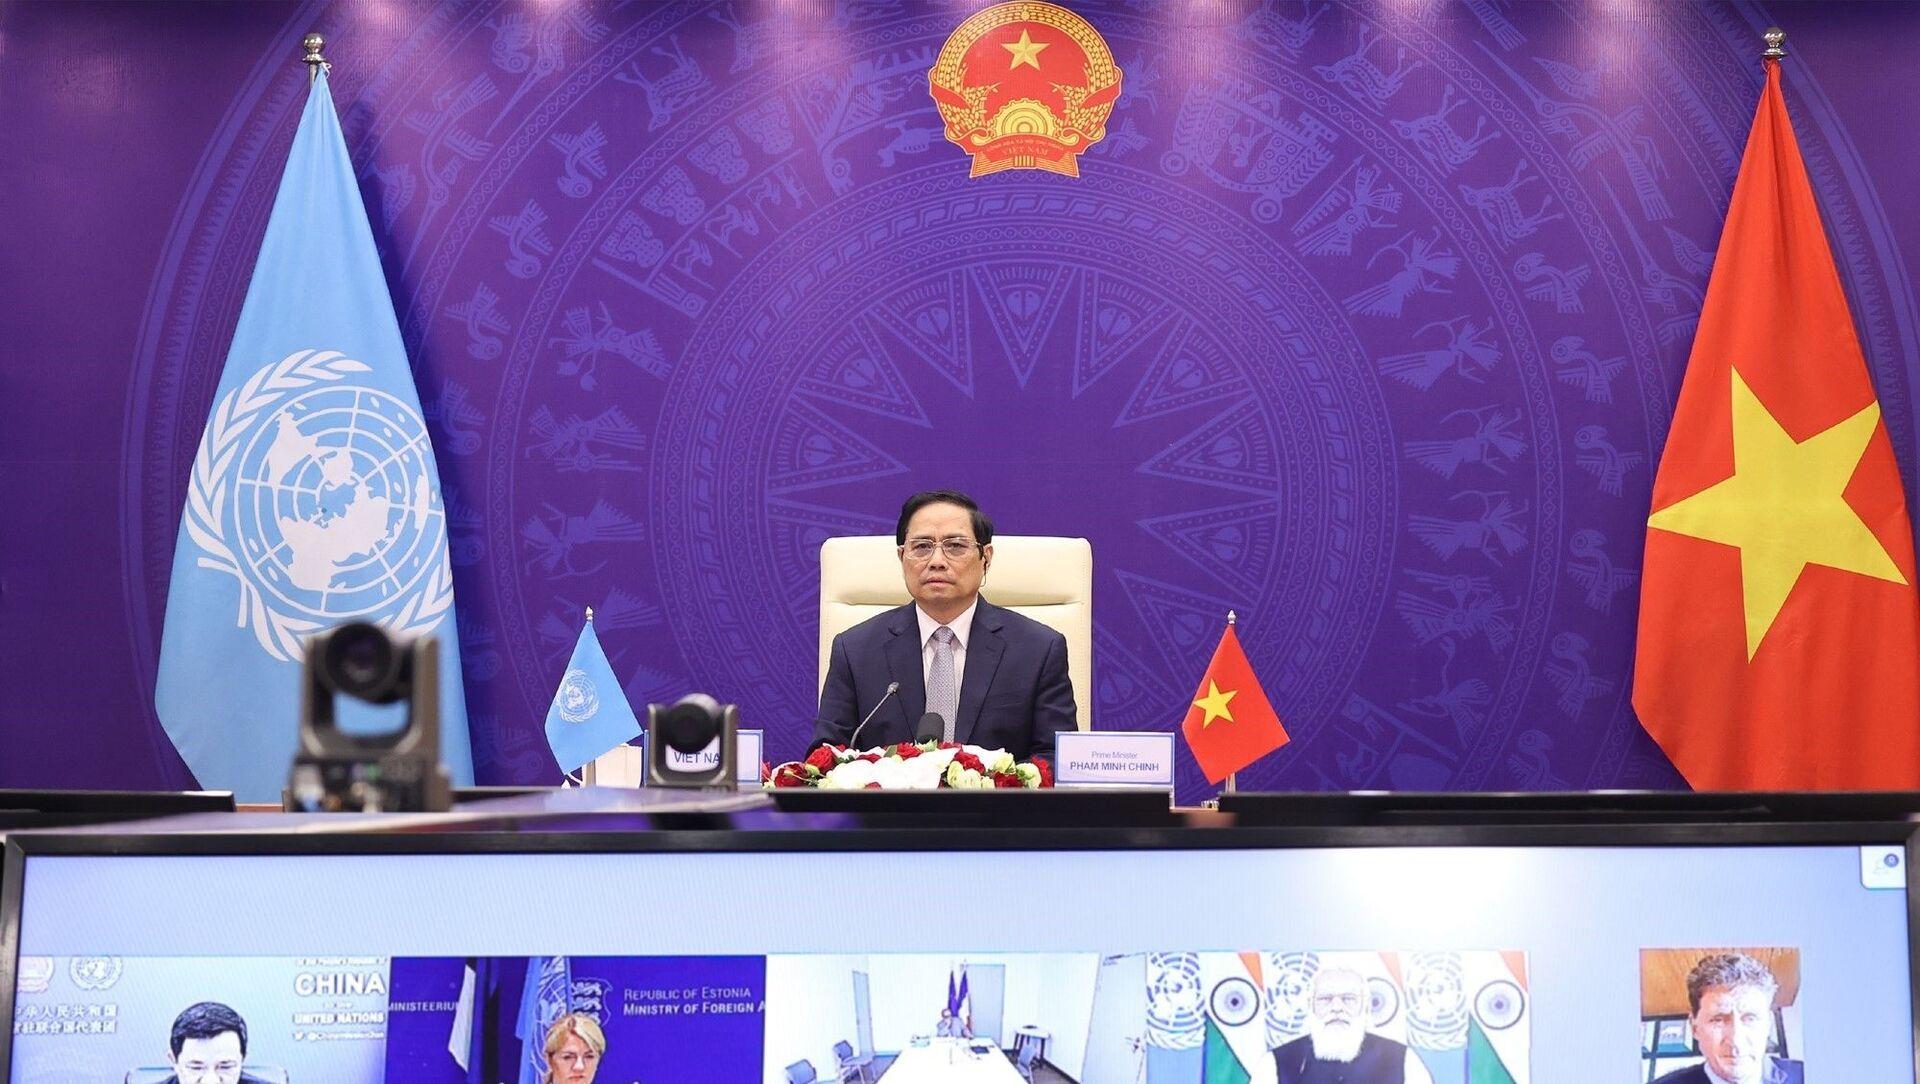 Thủ tướng Phạm Minh Chính tham dự Phiên thảo luận mở Cấp cao của Hội đồng Bảo an Liên hợp quốc - Sputnik Việt Nam, 1920, 13.08.2021